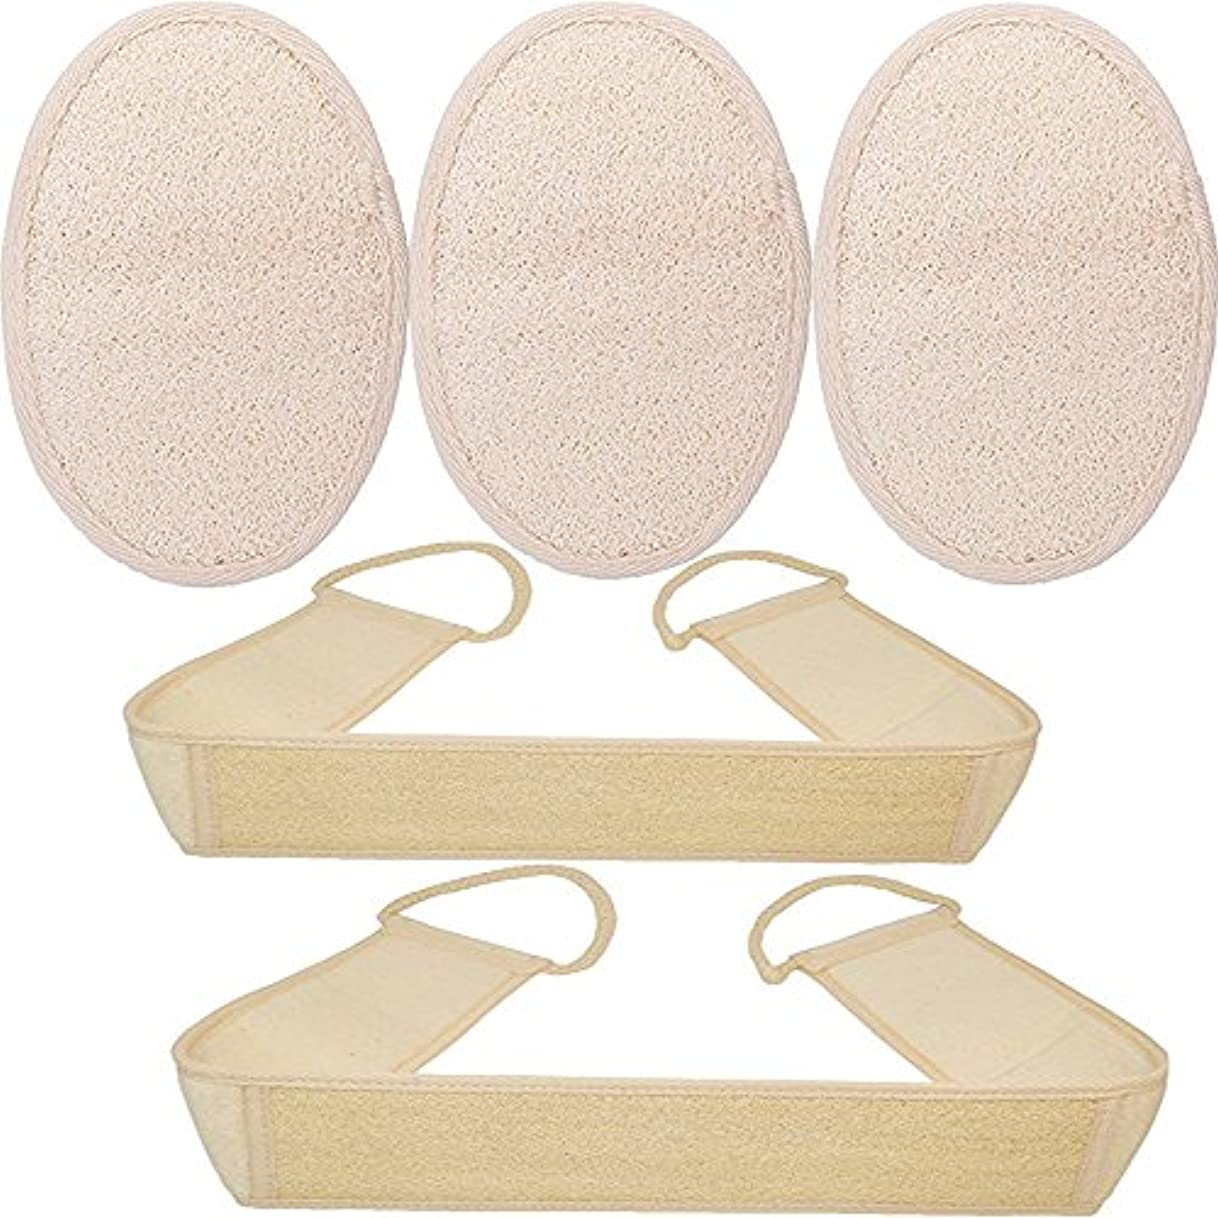 特徴不器用ひらめきシャワー ベルト 天然ヘチマ お風呂用 背中も洗える 血行促進 角質除去 (SGP1-B-5PCS)